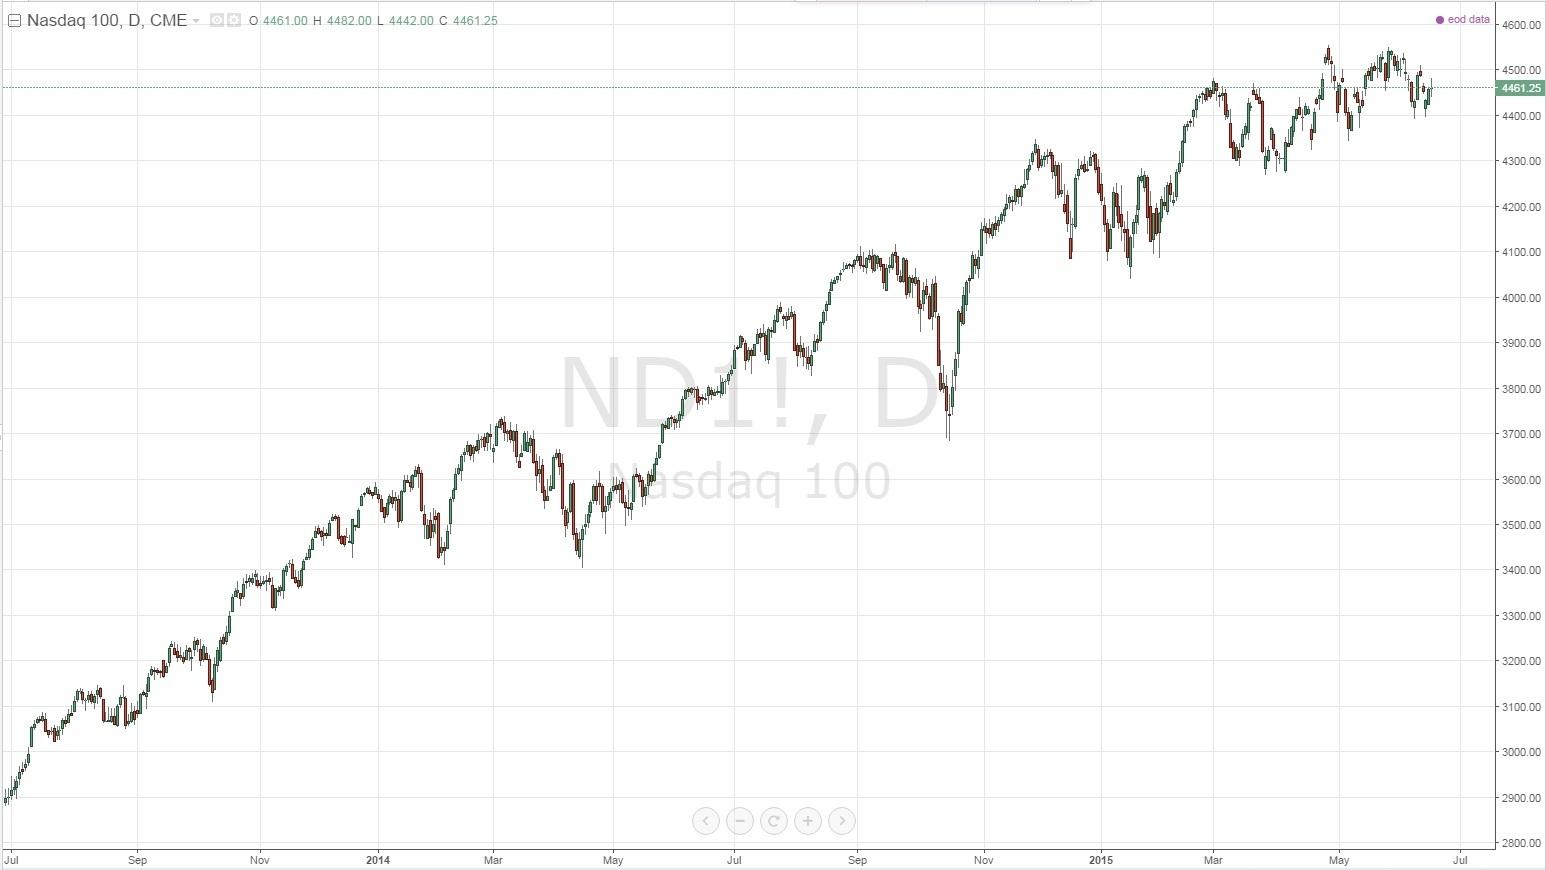 График американского индекса NASDAQ